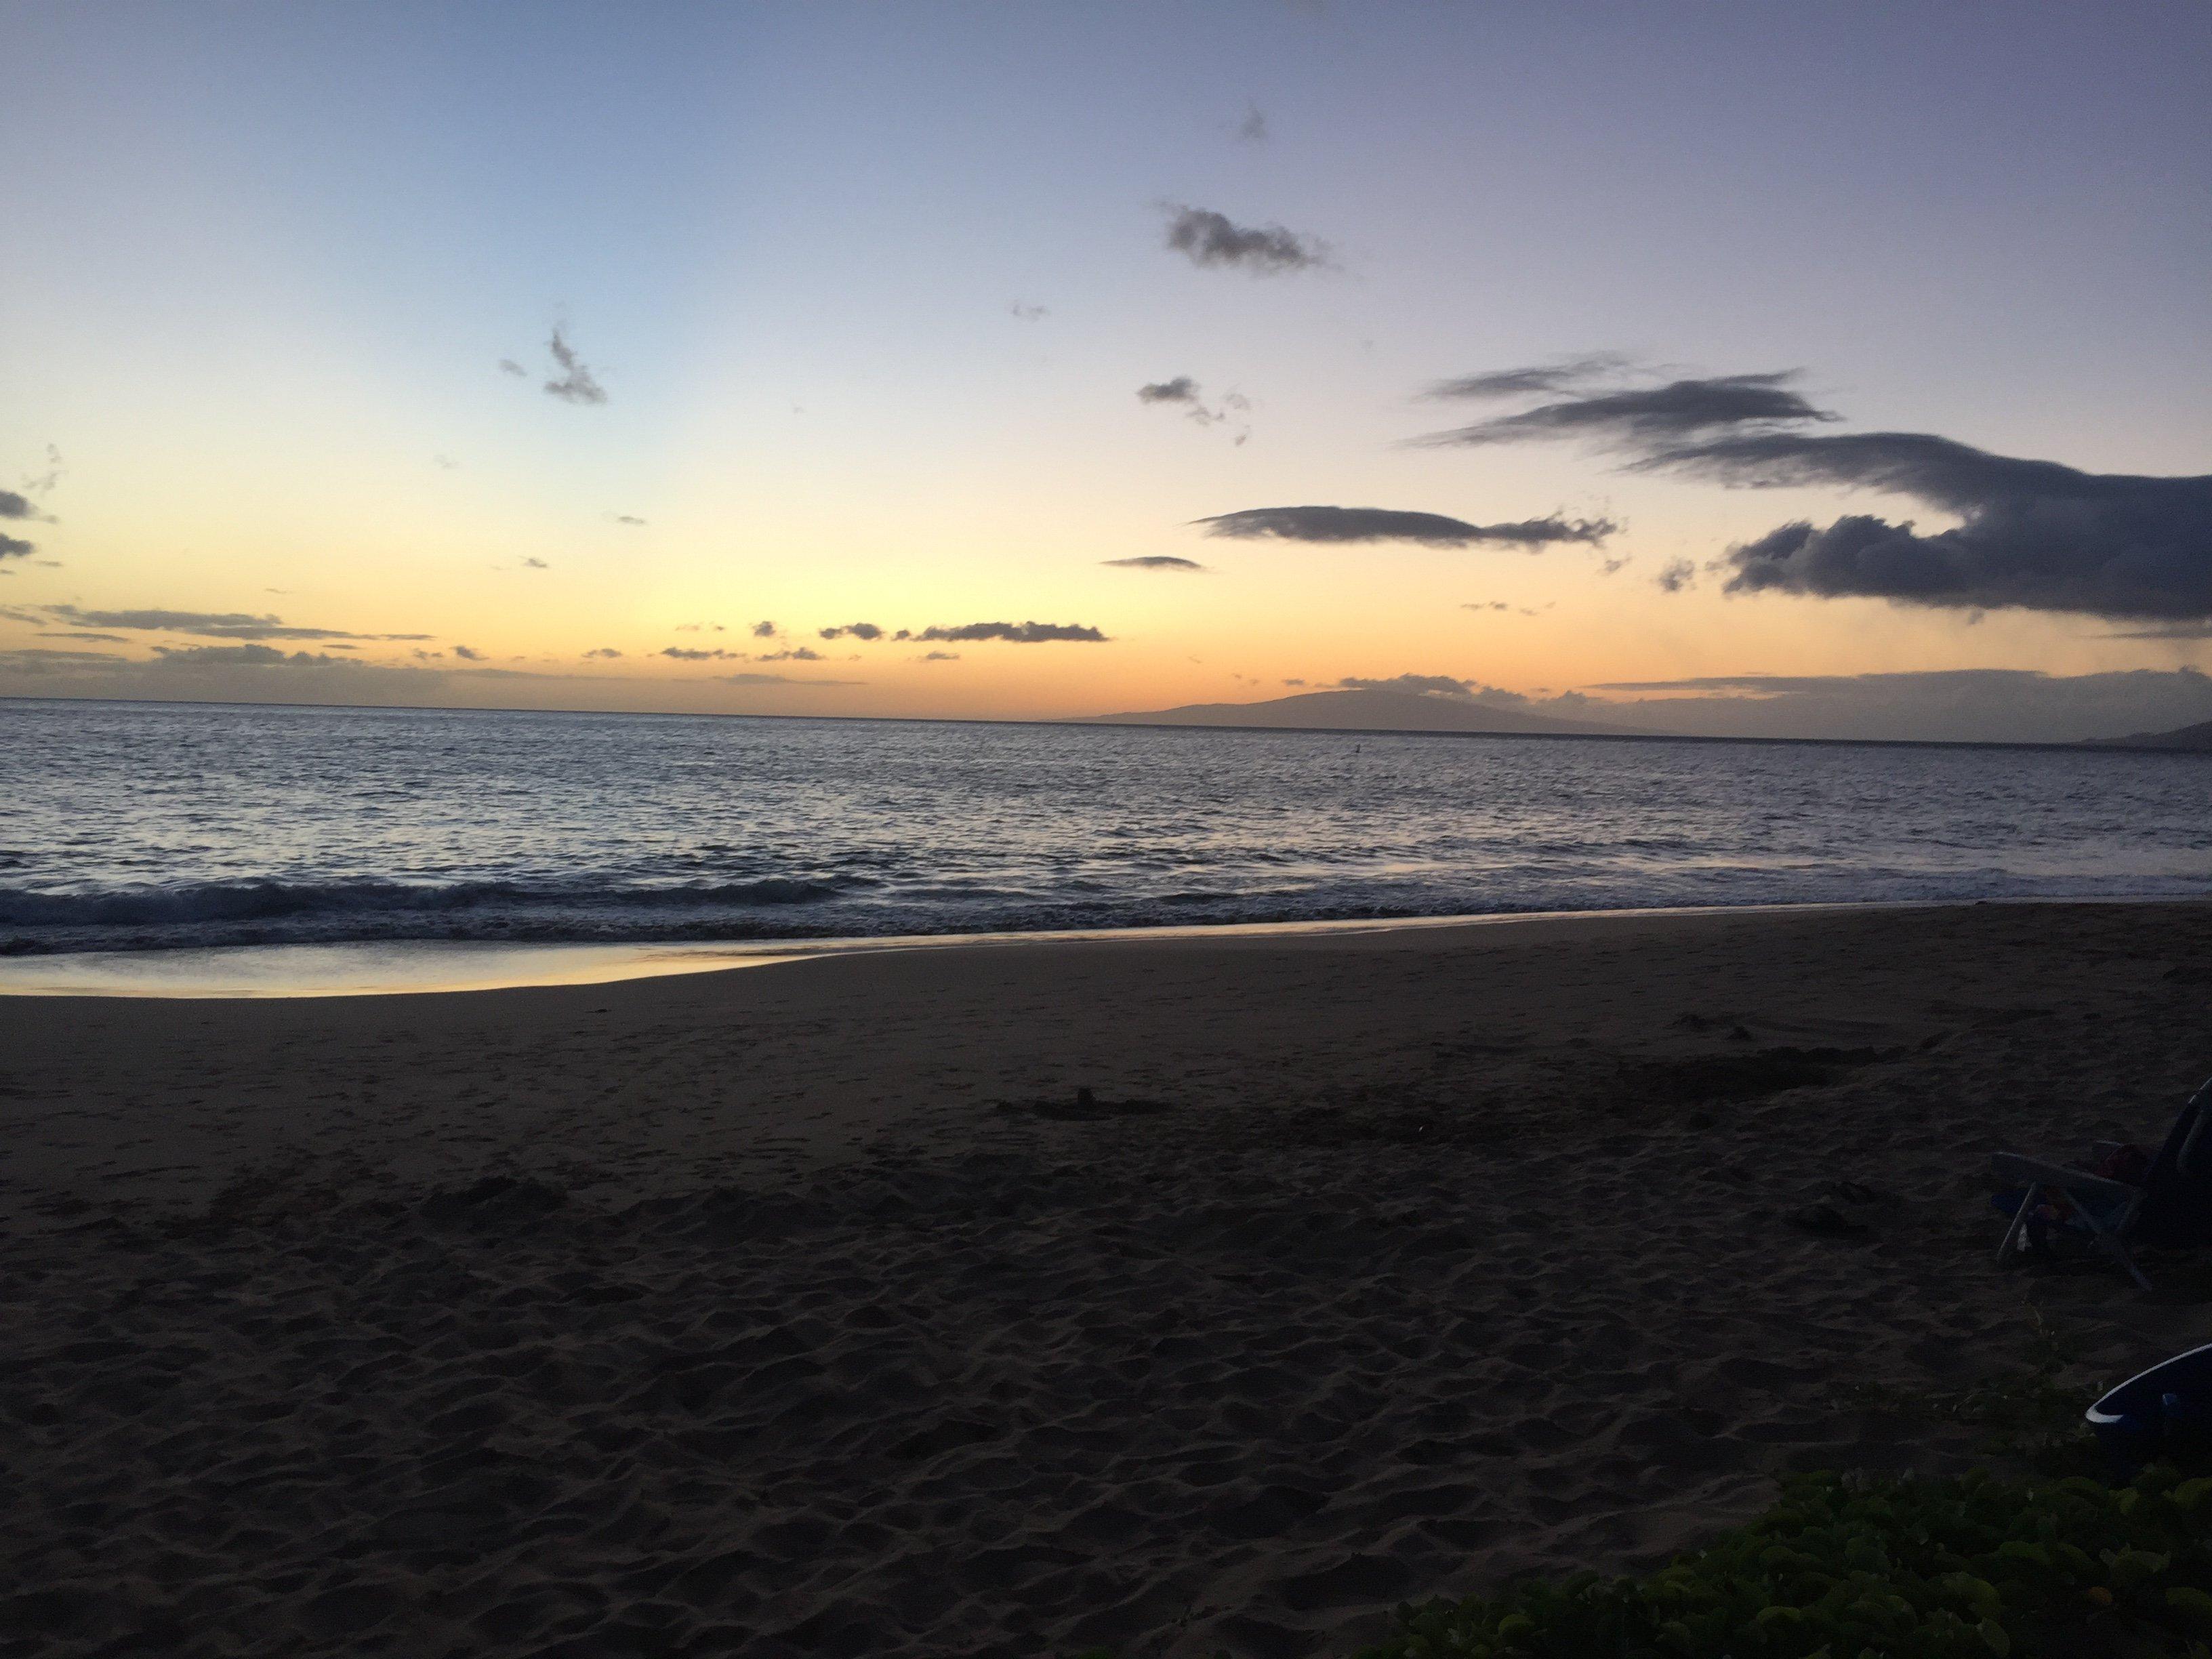 Perfect Kihei Getaway Spot Kihei Hale O Maluhia Maui